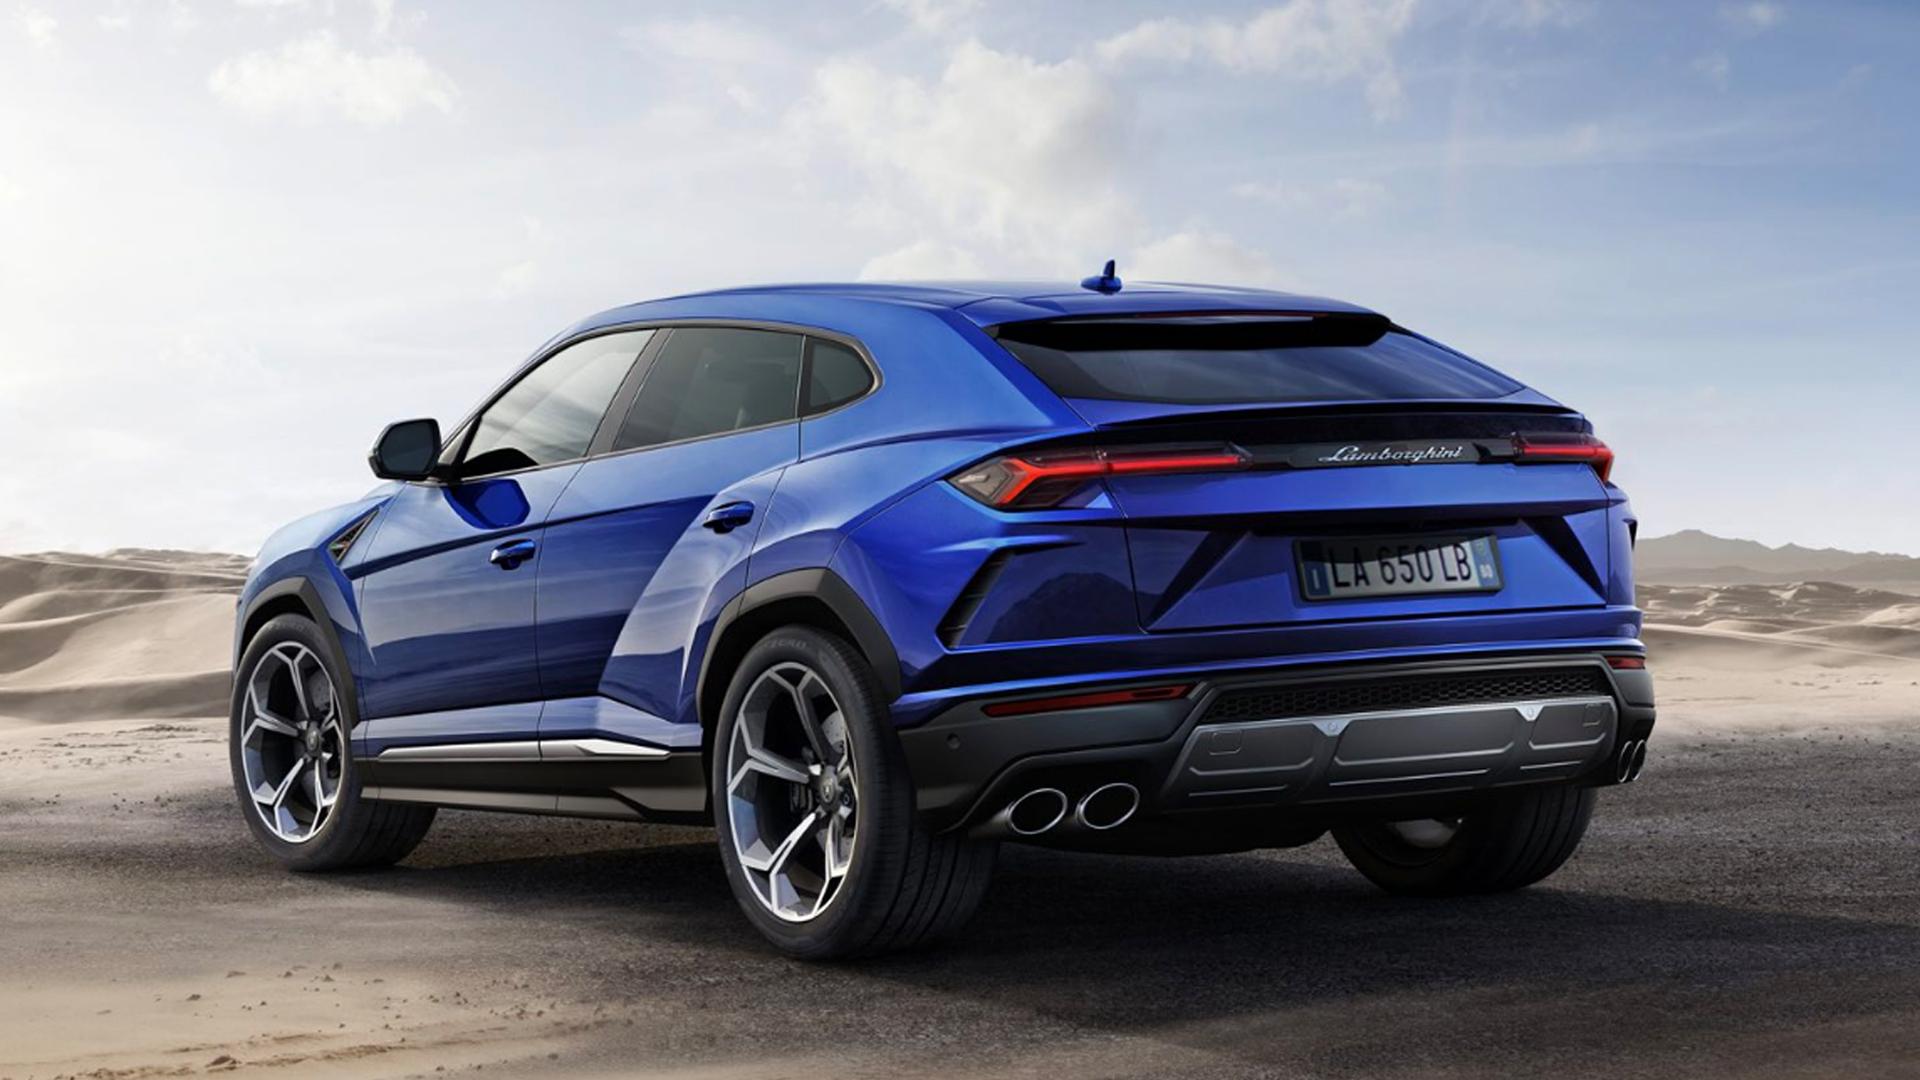 Lamborghini Urus 2018 STD Exterior